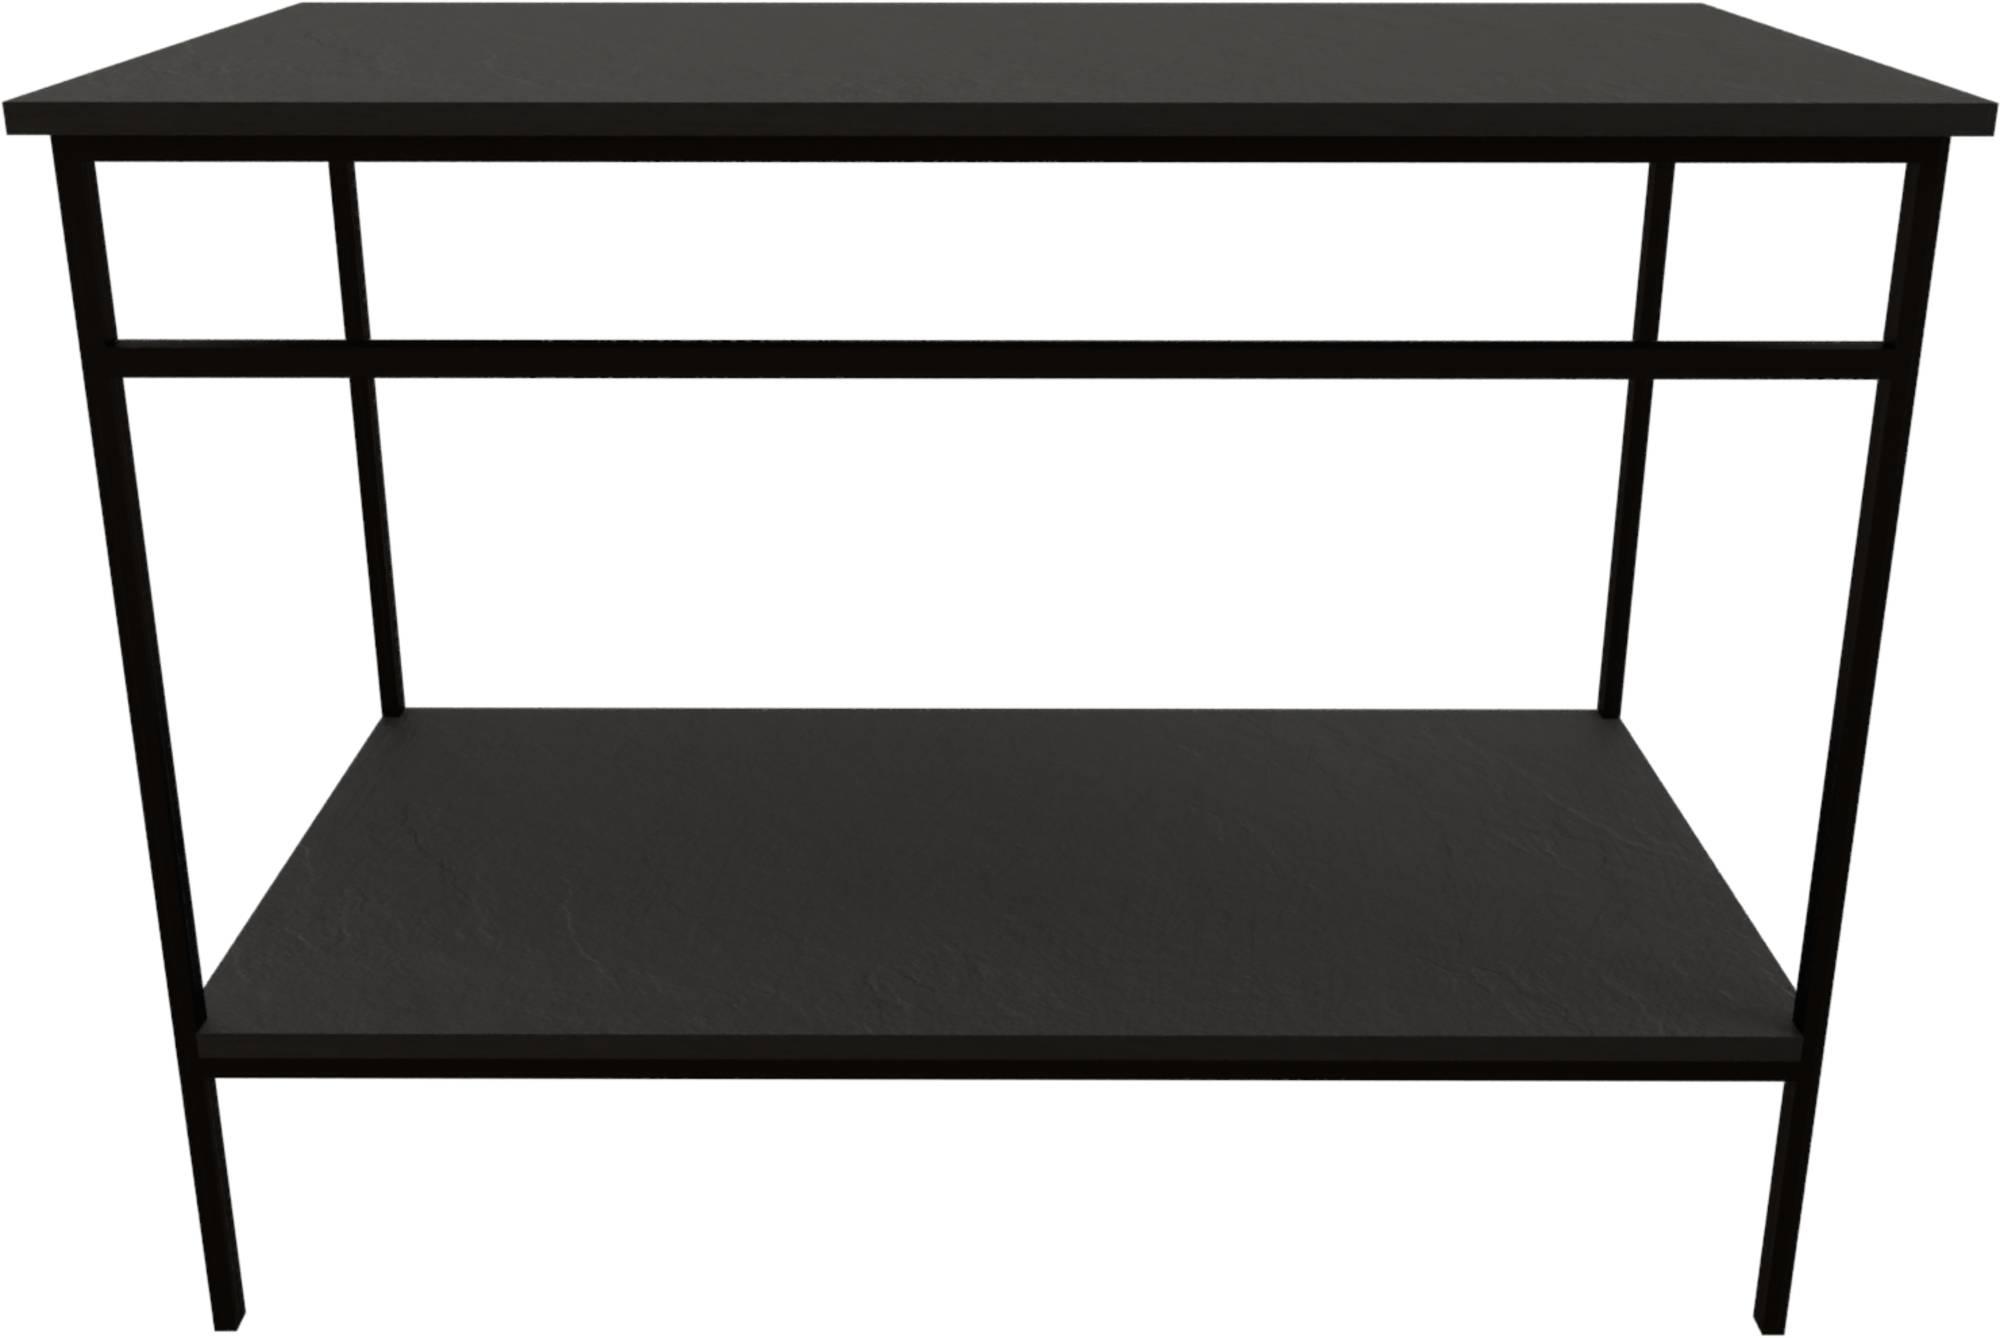 Ben Avira Set Staand Frame met Blad 100,3x46,5x85 cm Mat Zwart/Zwart